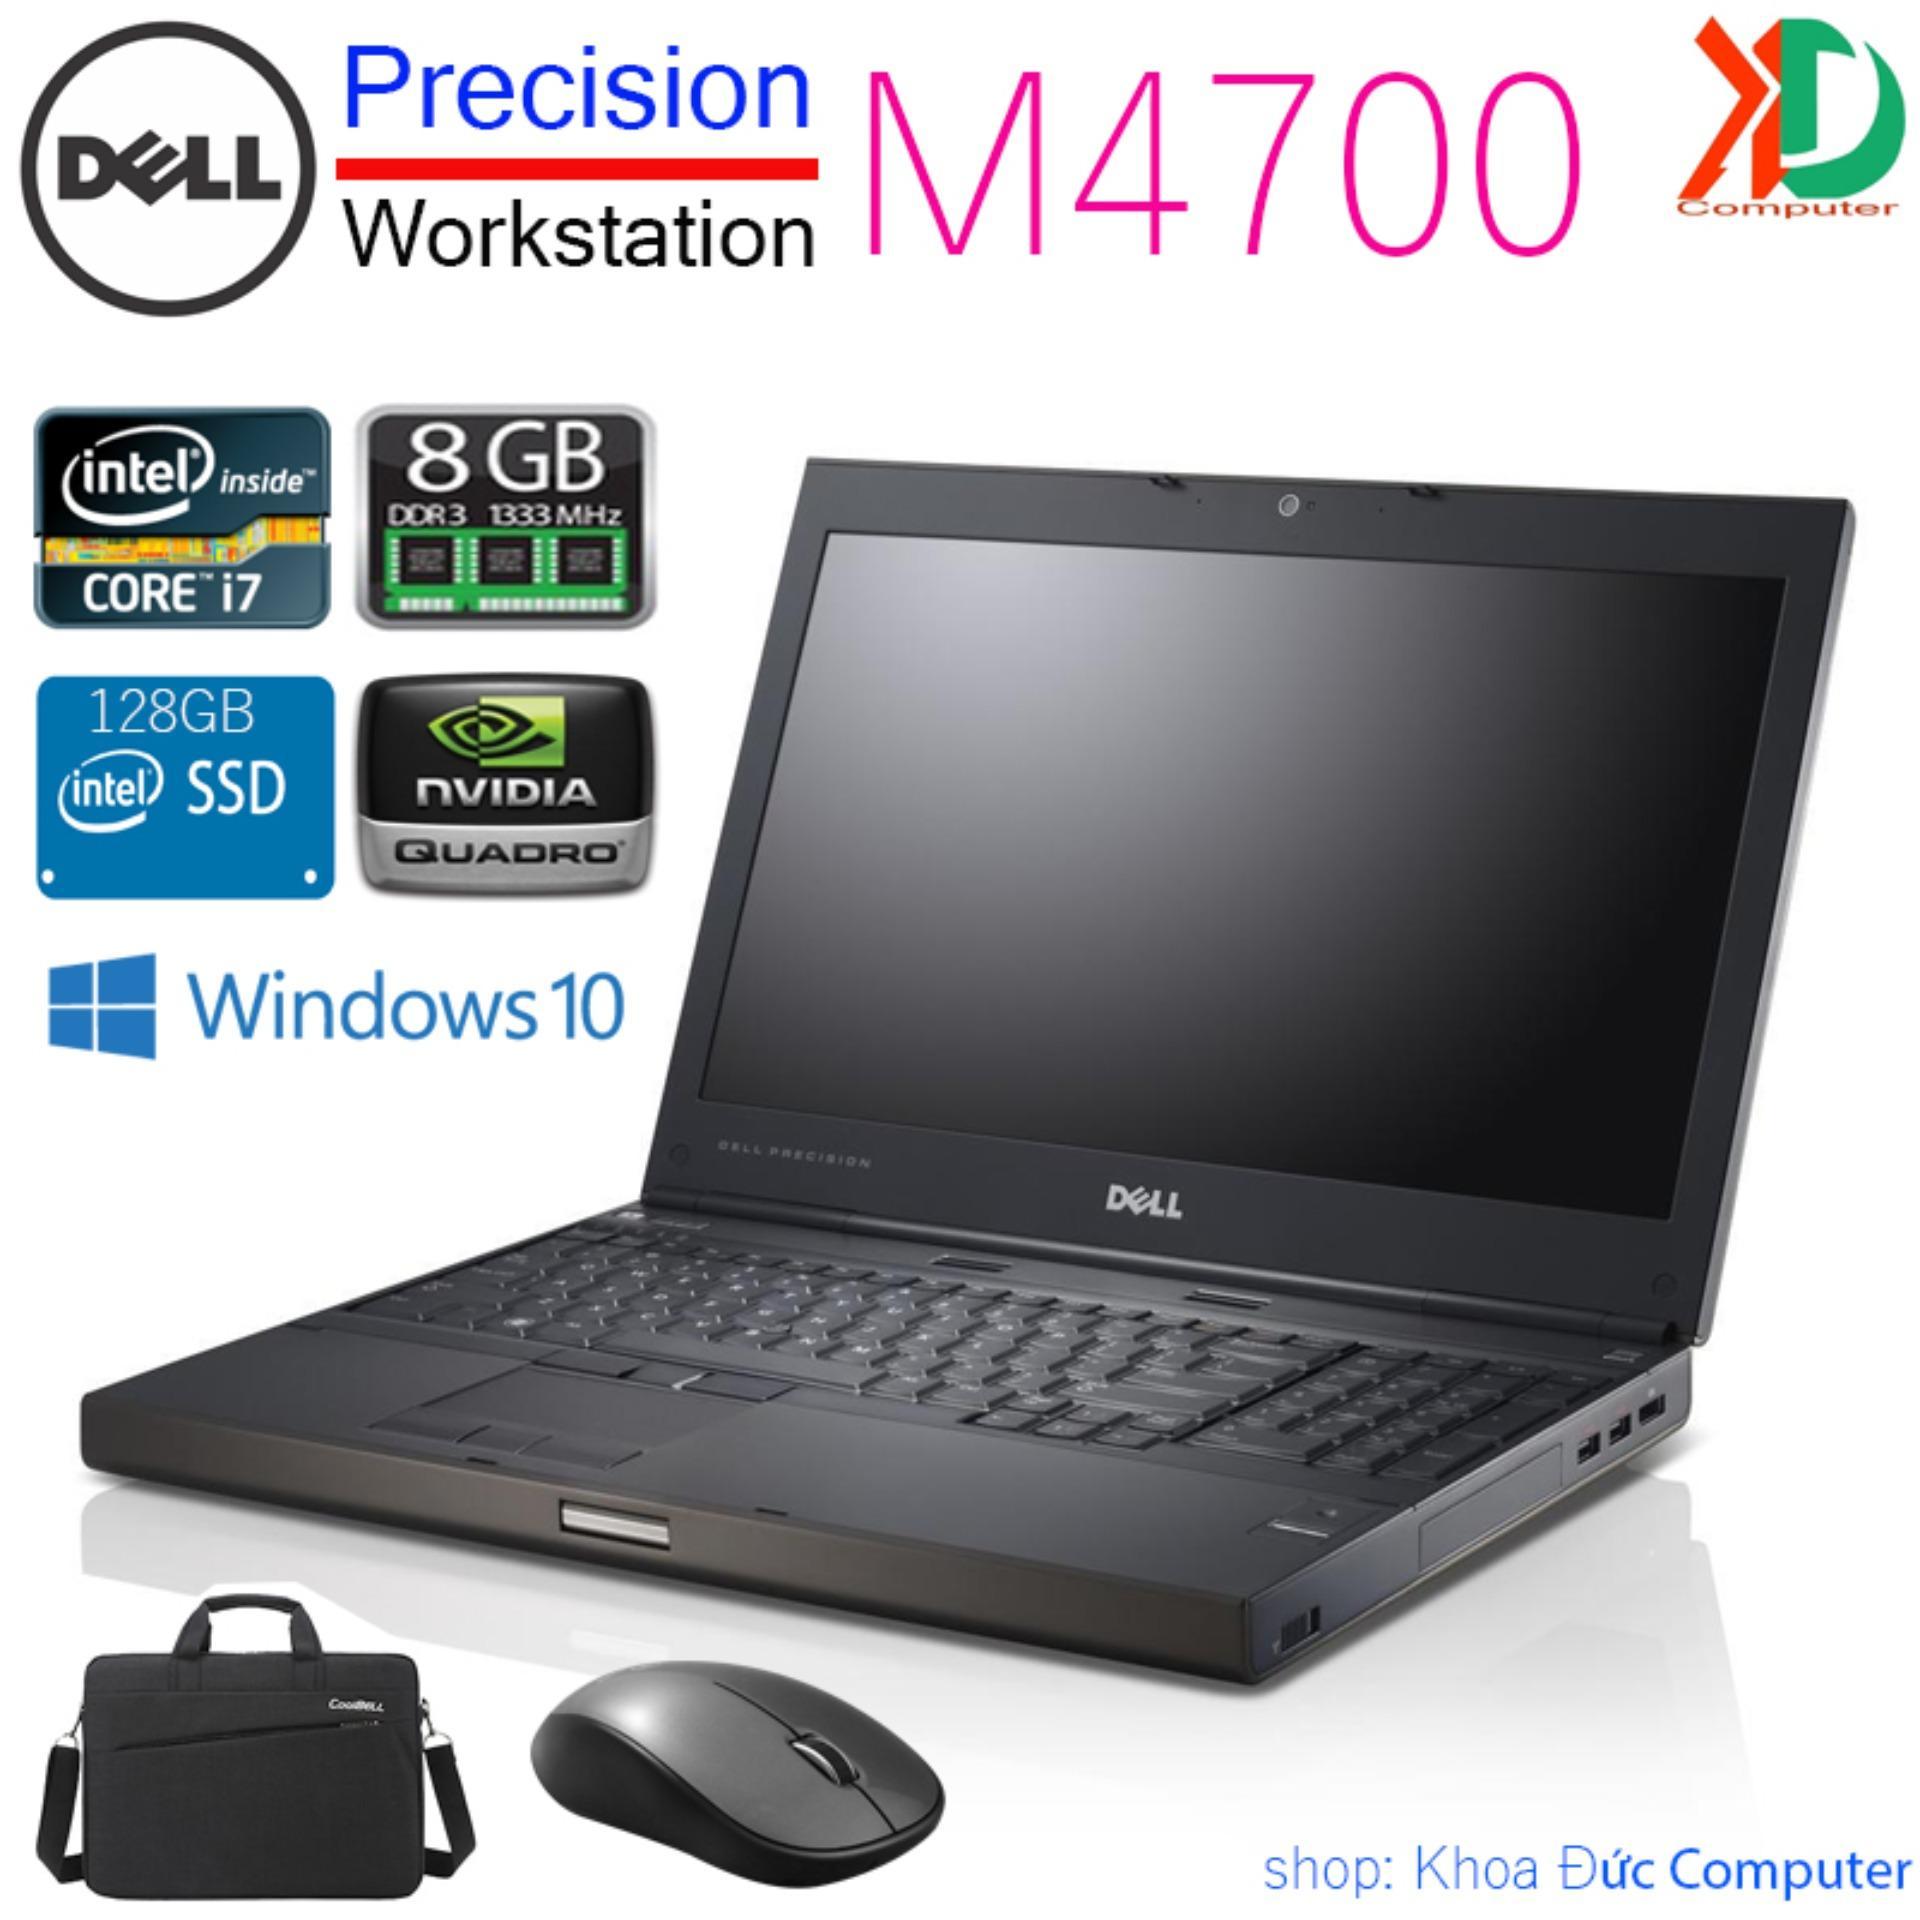 Laptop Máy Trạm Dell Precision M4700 Core I7-3740QM / 8gb Ram / 128gb SSD / VGA Quadro K1000M / 15.6 Full HD Giảm Duy Nhất Hôm Nay